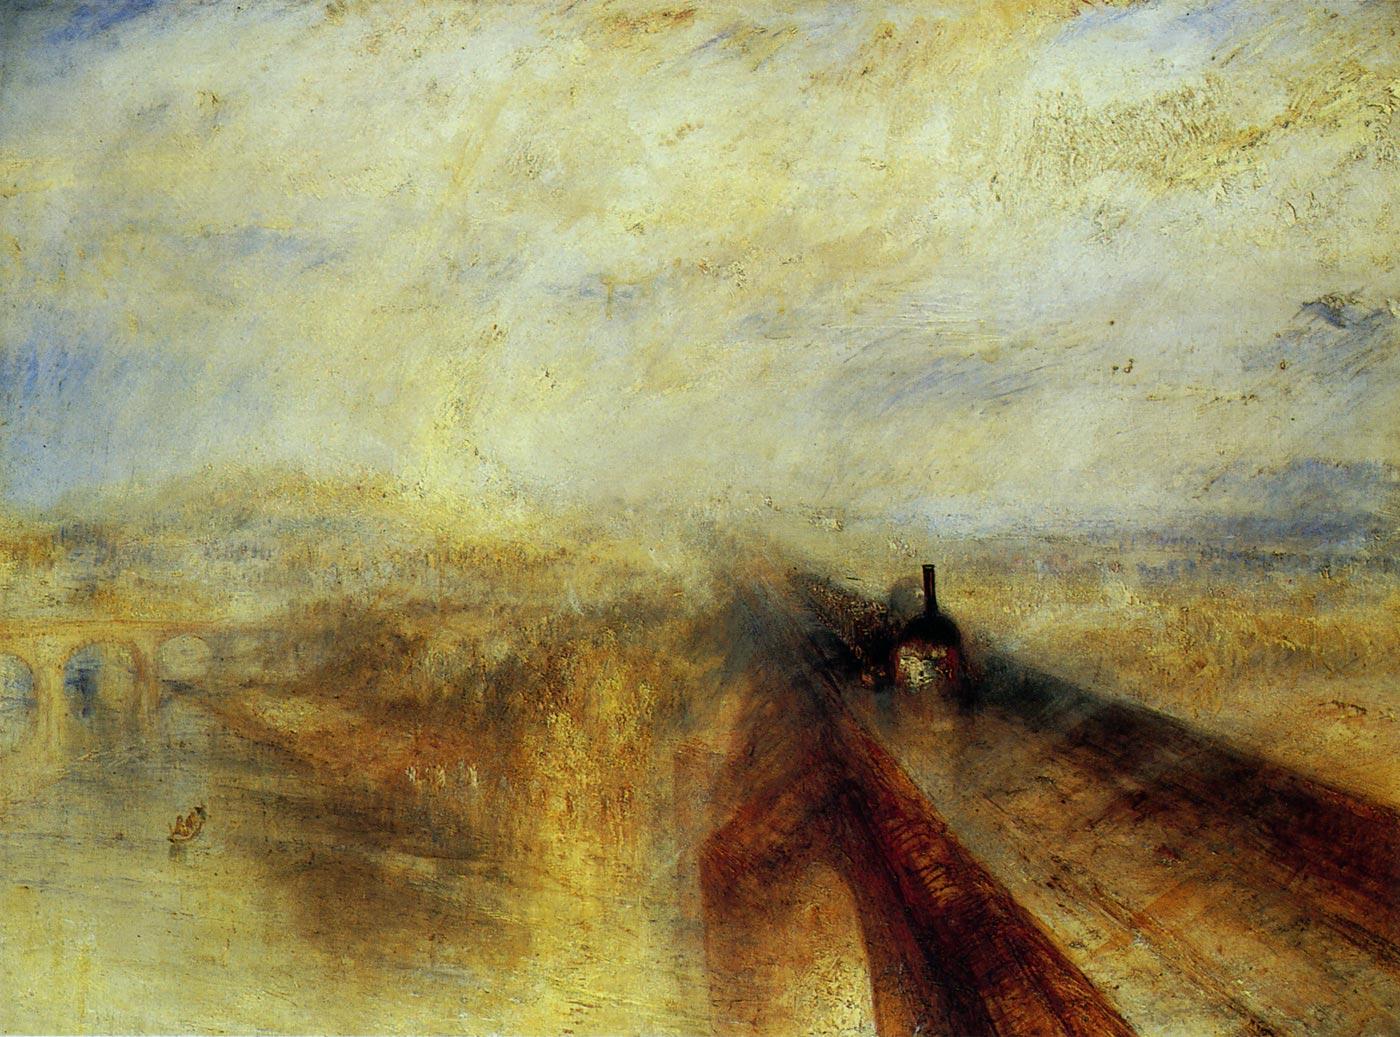 雨、蒸気、速度-グレート・ウェスタン鉄道 ターナー